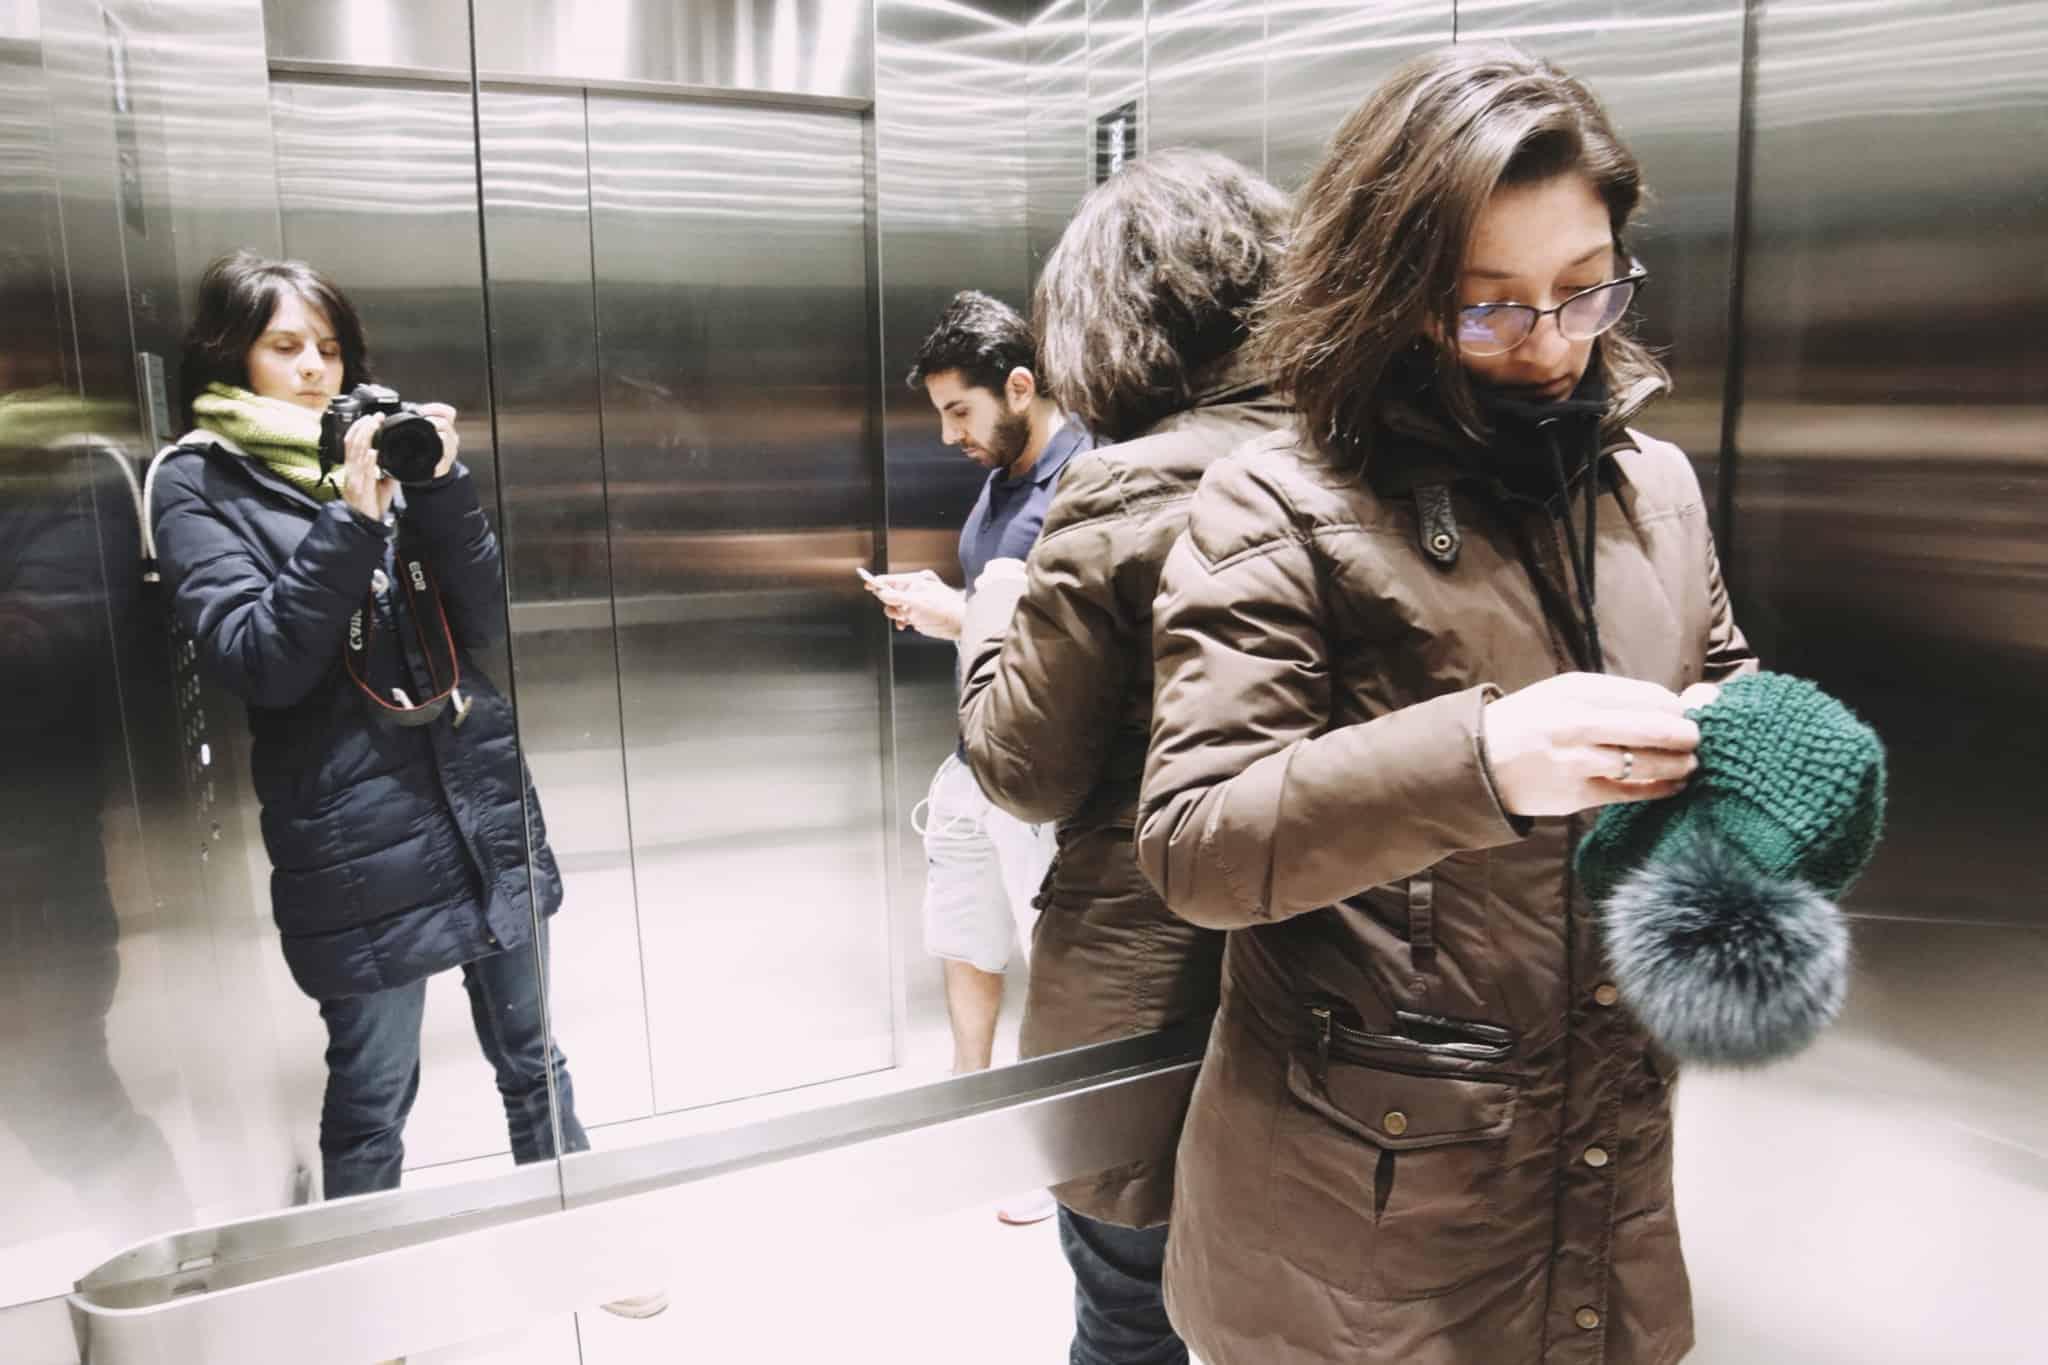 pessoas dentro do elevador